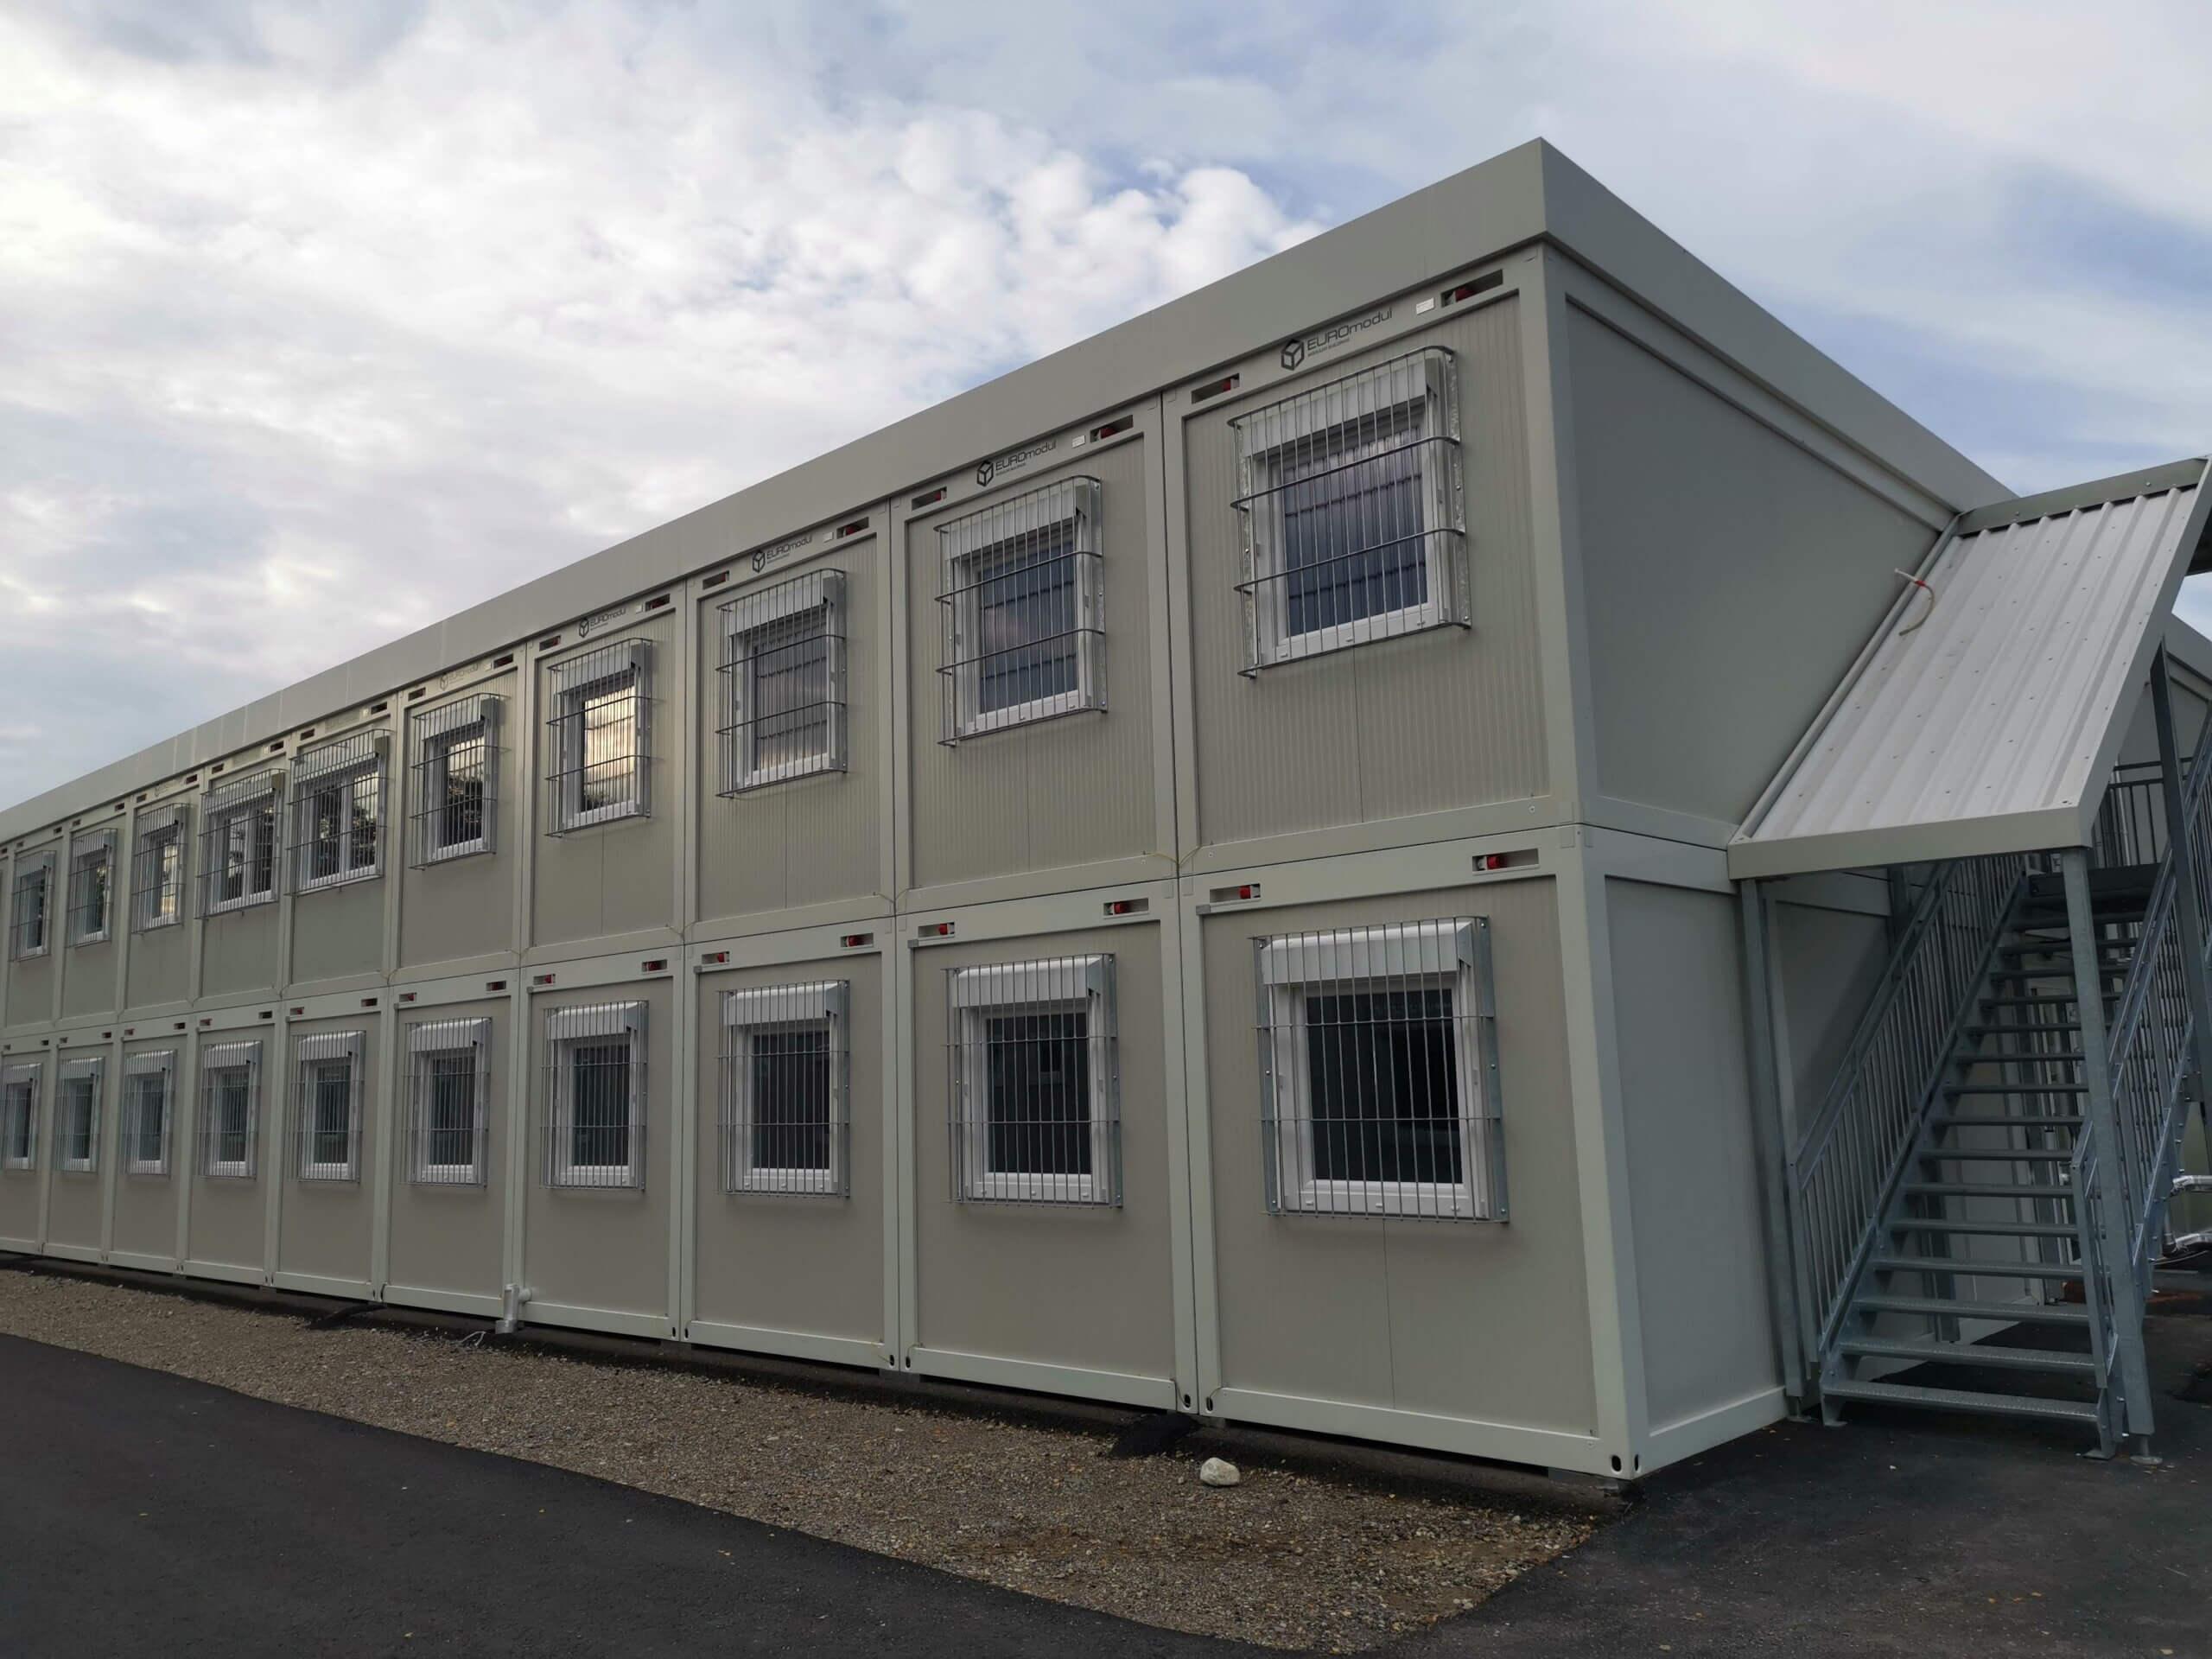 EUROmodul Bürocontainer Anlagen, Mietcontainer, Wohncontainer (7)